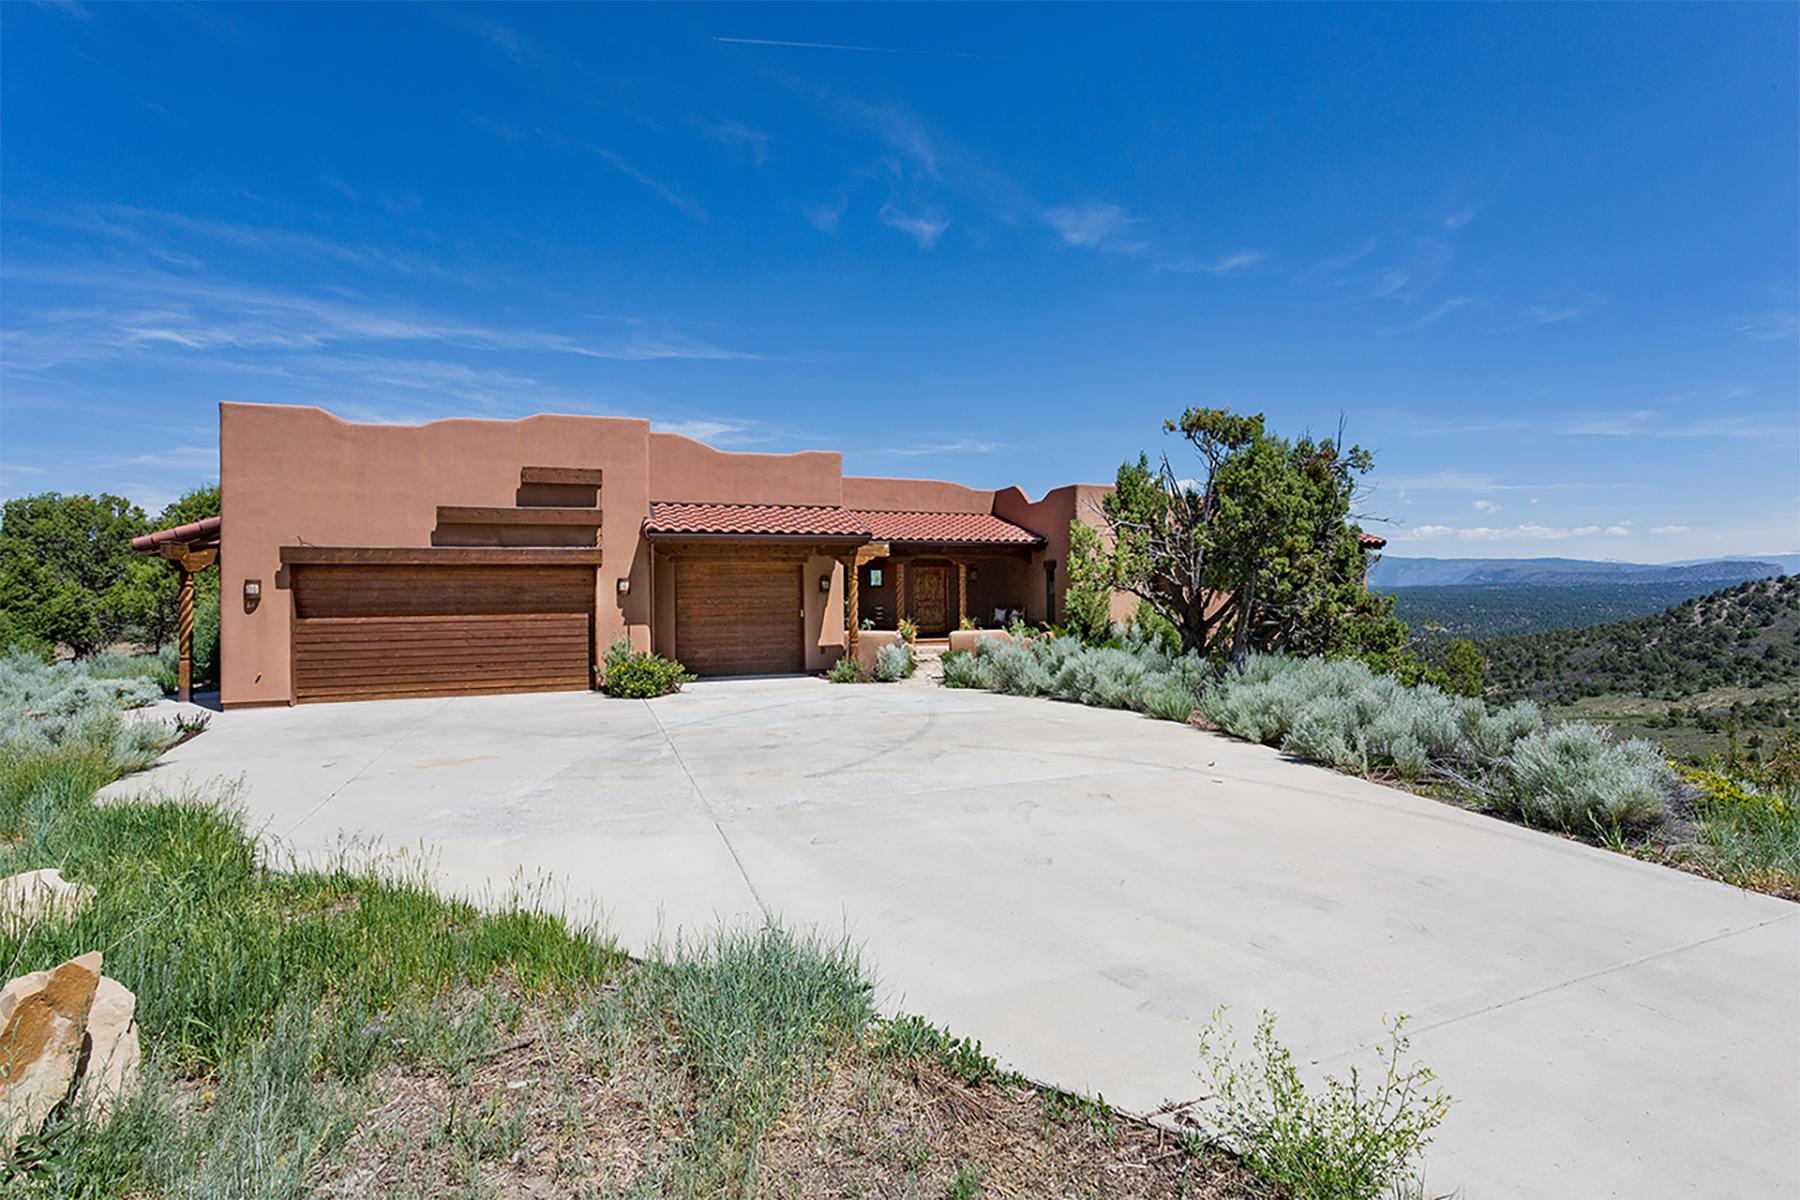 Частный односемейный дом для того Продажа на 1463 Thunderbird Road Durango, Колорадо, 81301 Соединенные Штаты